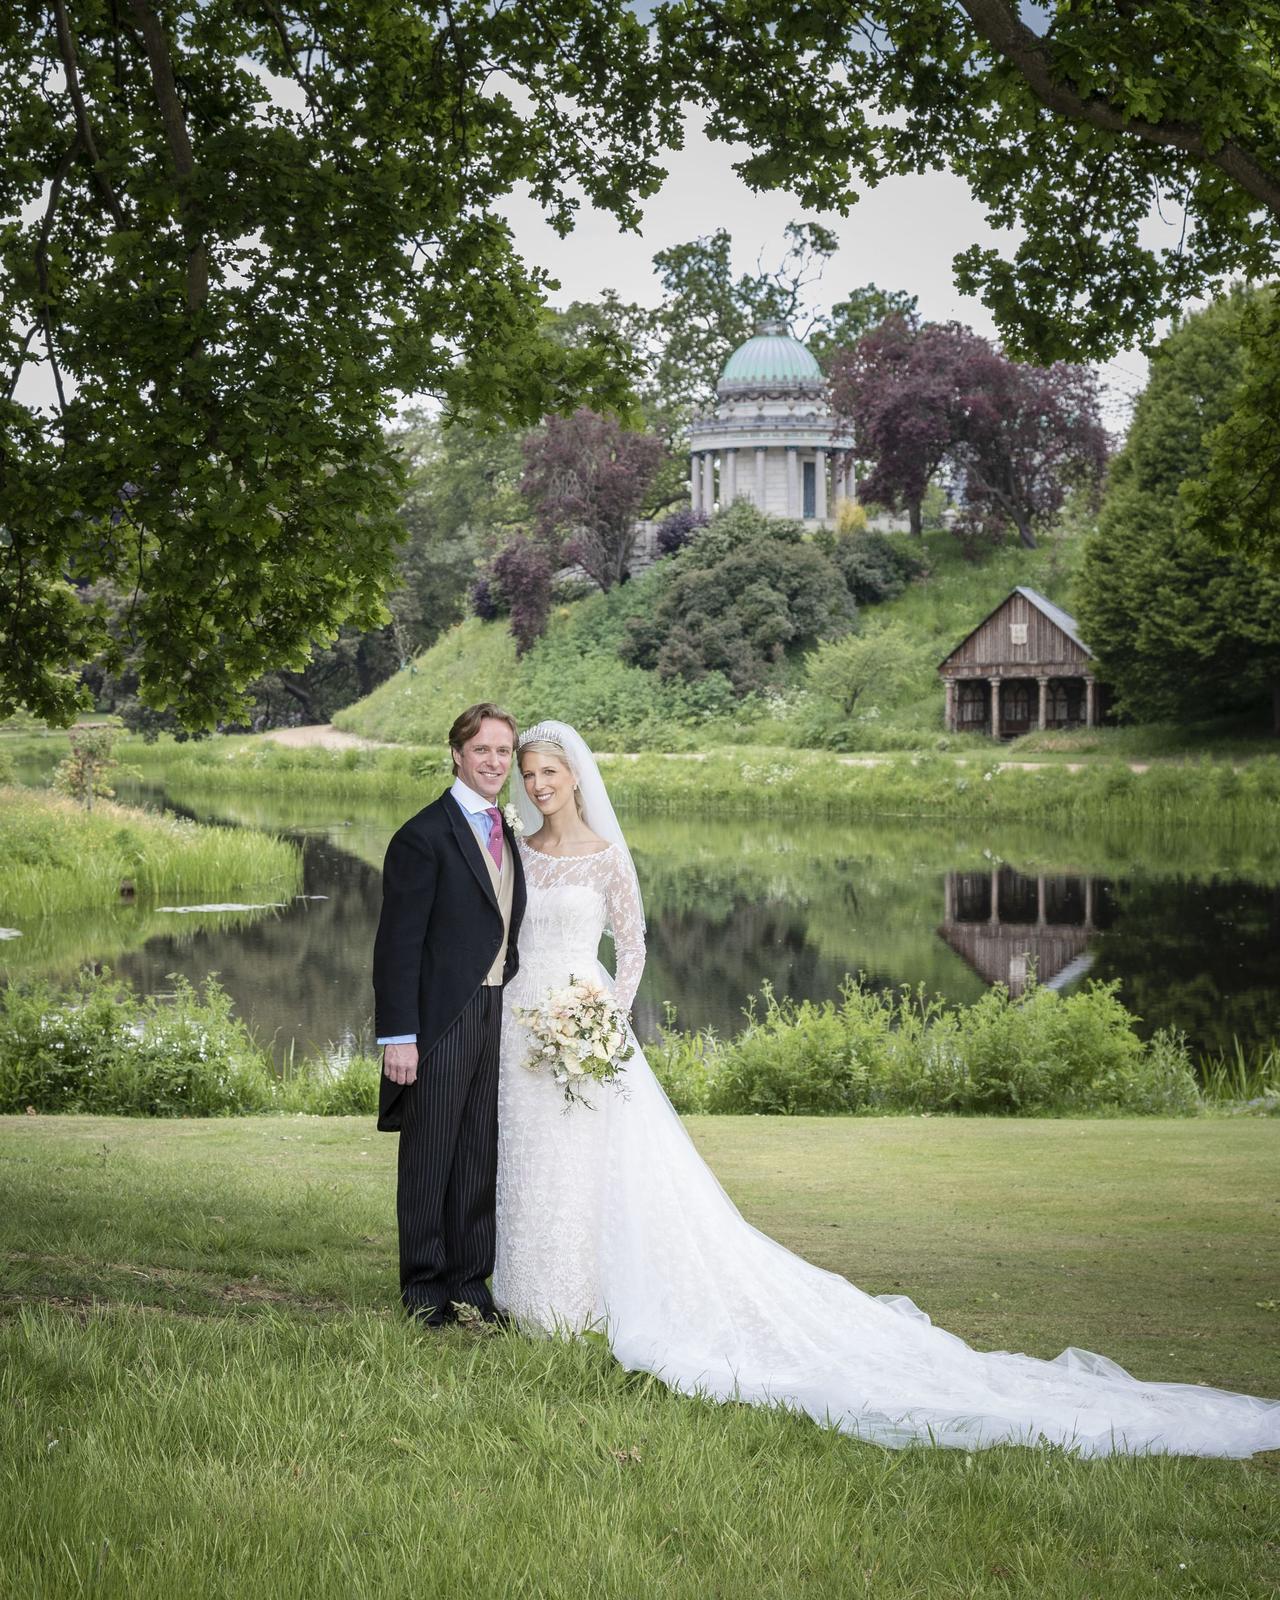 Královská svatba - Lady Gabriella Windsor a Thomas Kingston - Obrázek č. 29